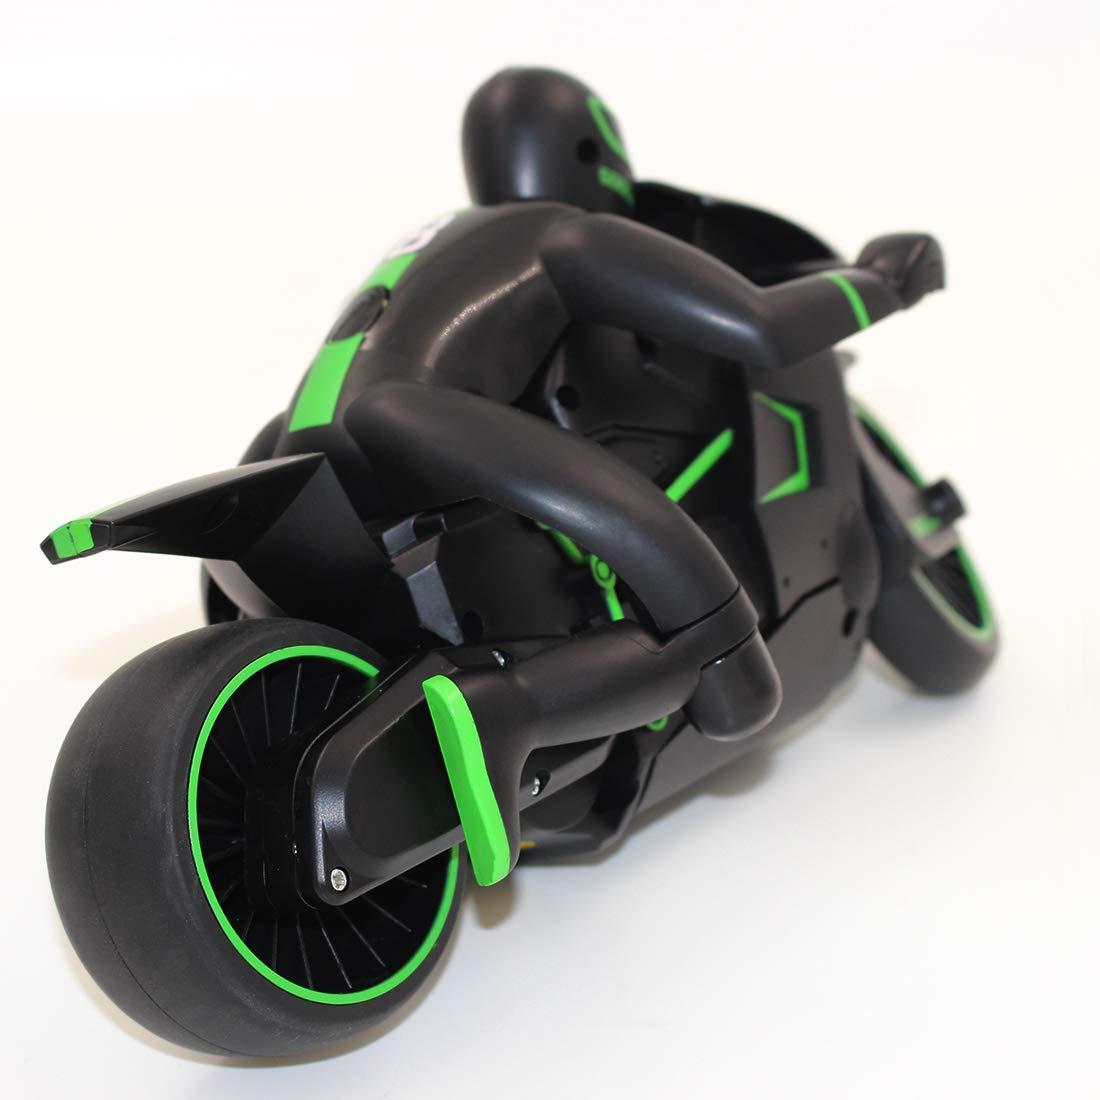 RC Motorrad High Speed Ferngesteuertes Motorrad 2,4 GHz Mini RC Auto Elektro-Rennwagen Funkgesteuertes Fahrzeug f/ür Innen und Au/ßen MAJOZ RC Motorrad Ferngesteuert